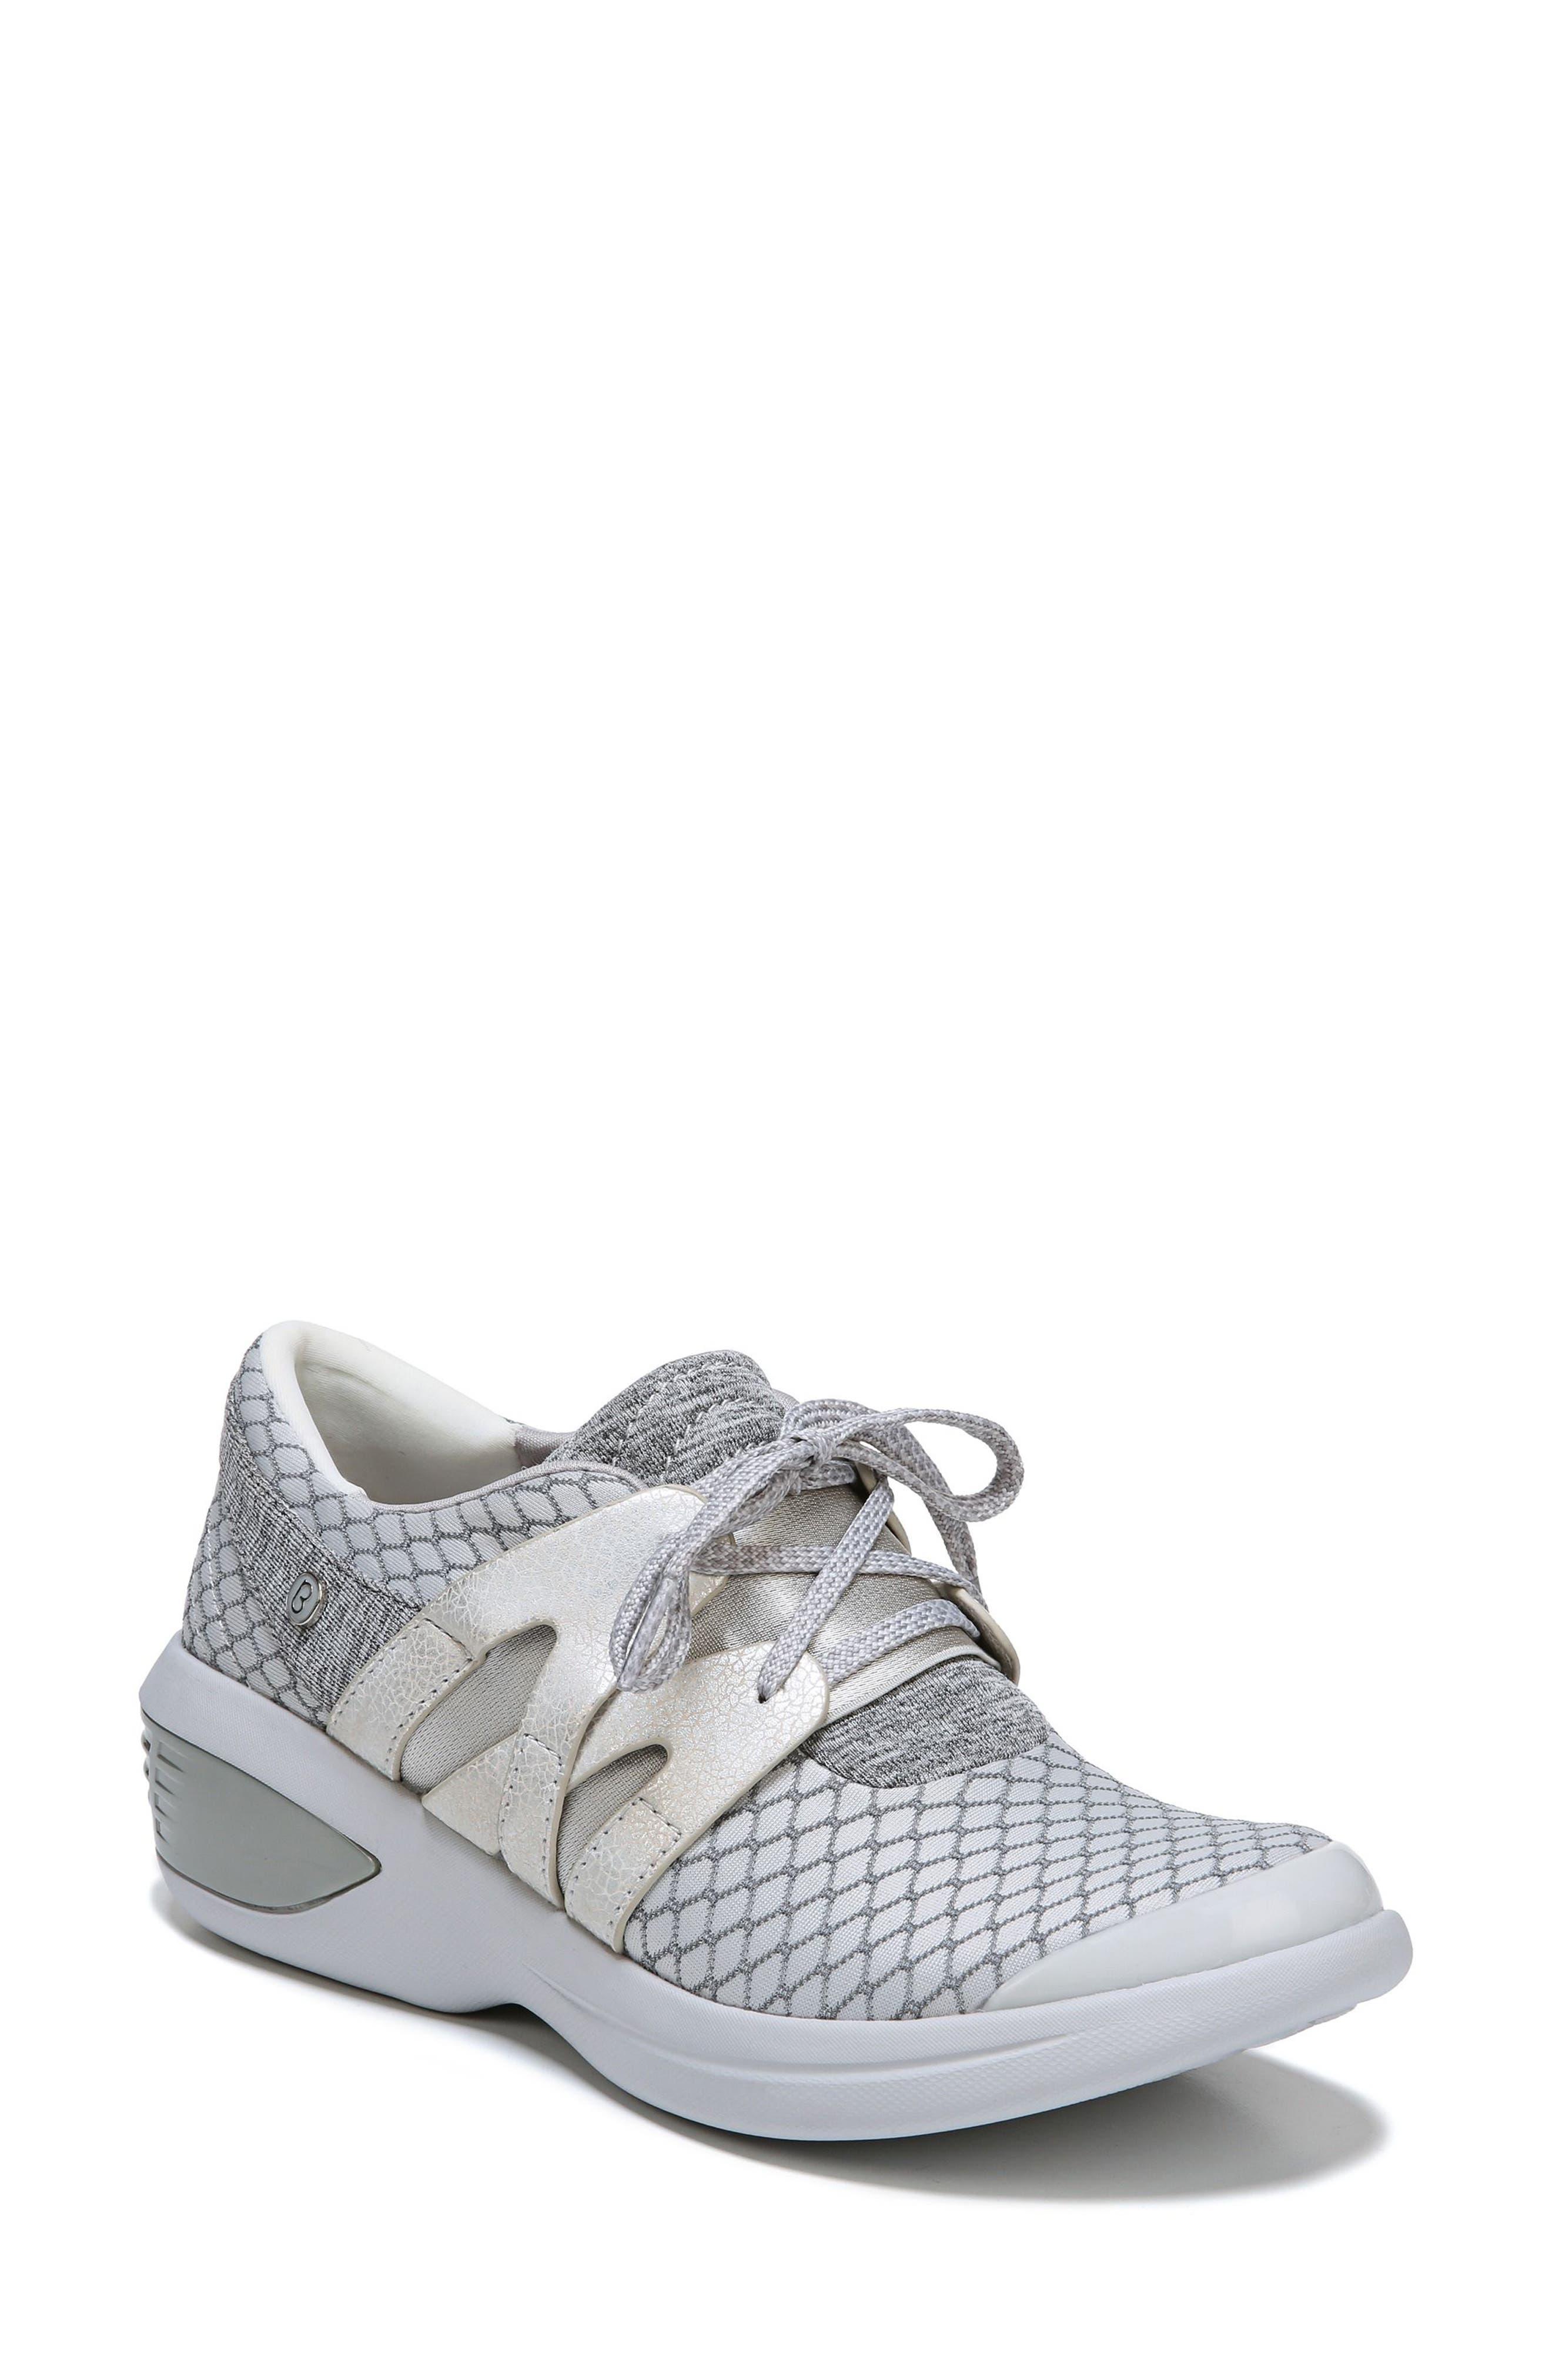 Flicker Sneaker,                         Main,                         color, Grey Fabric